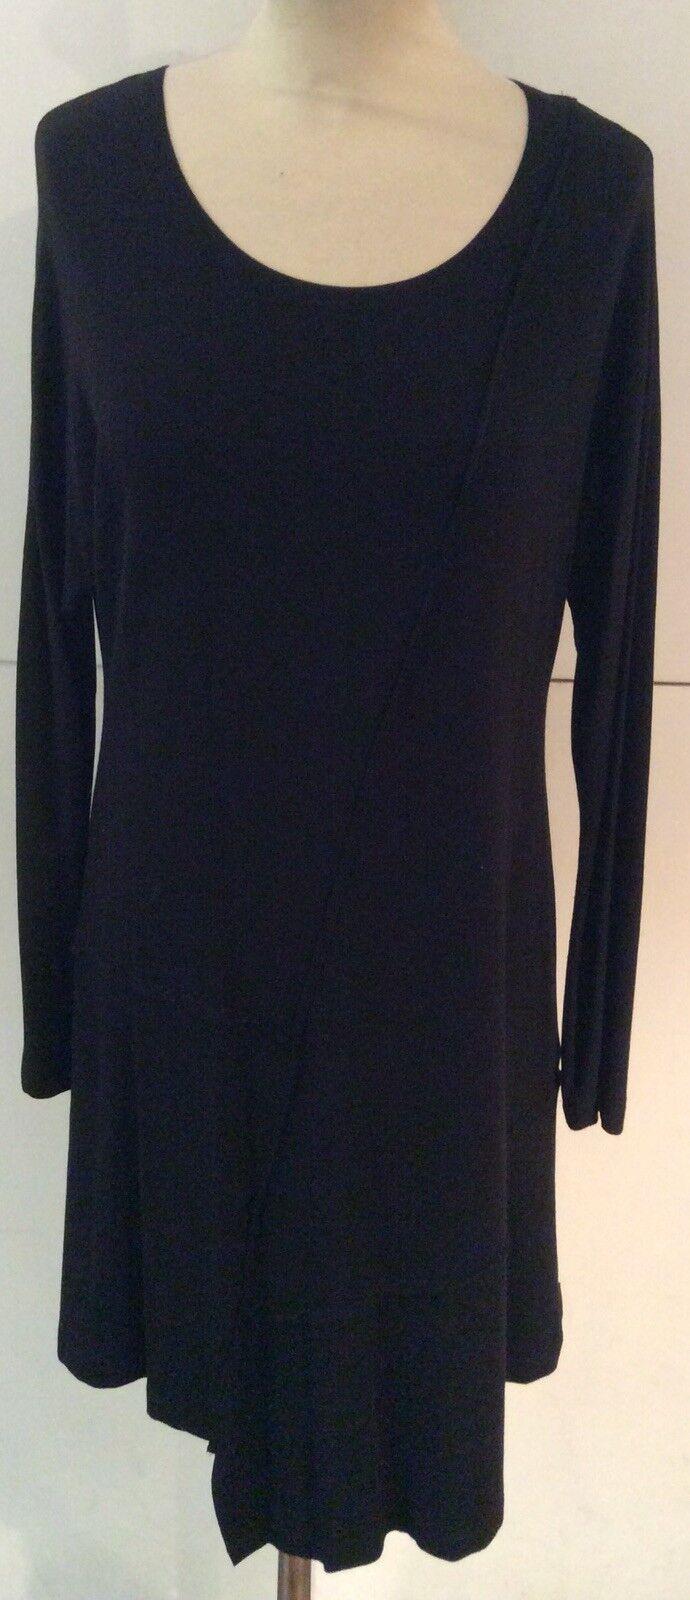 Preloved-Oska Nero Coloreato Vestito-Oska 1 (piccole)